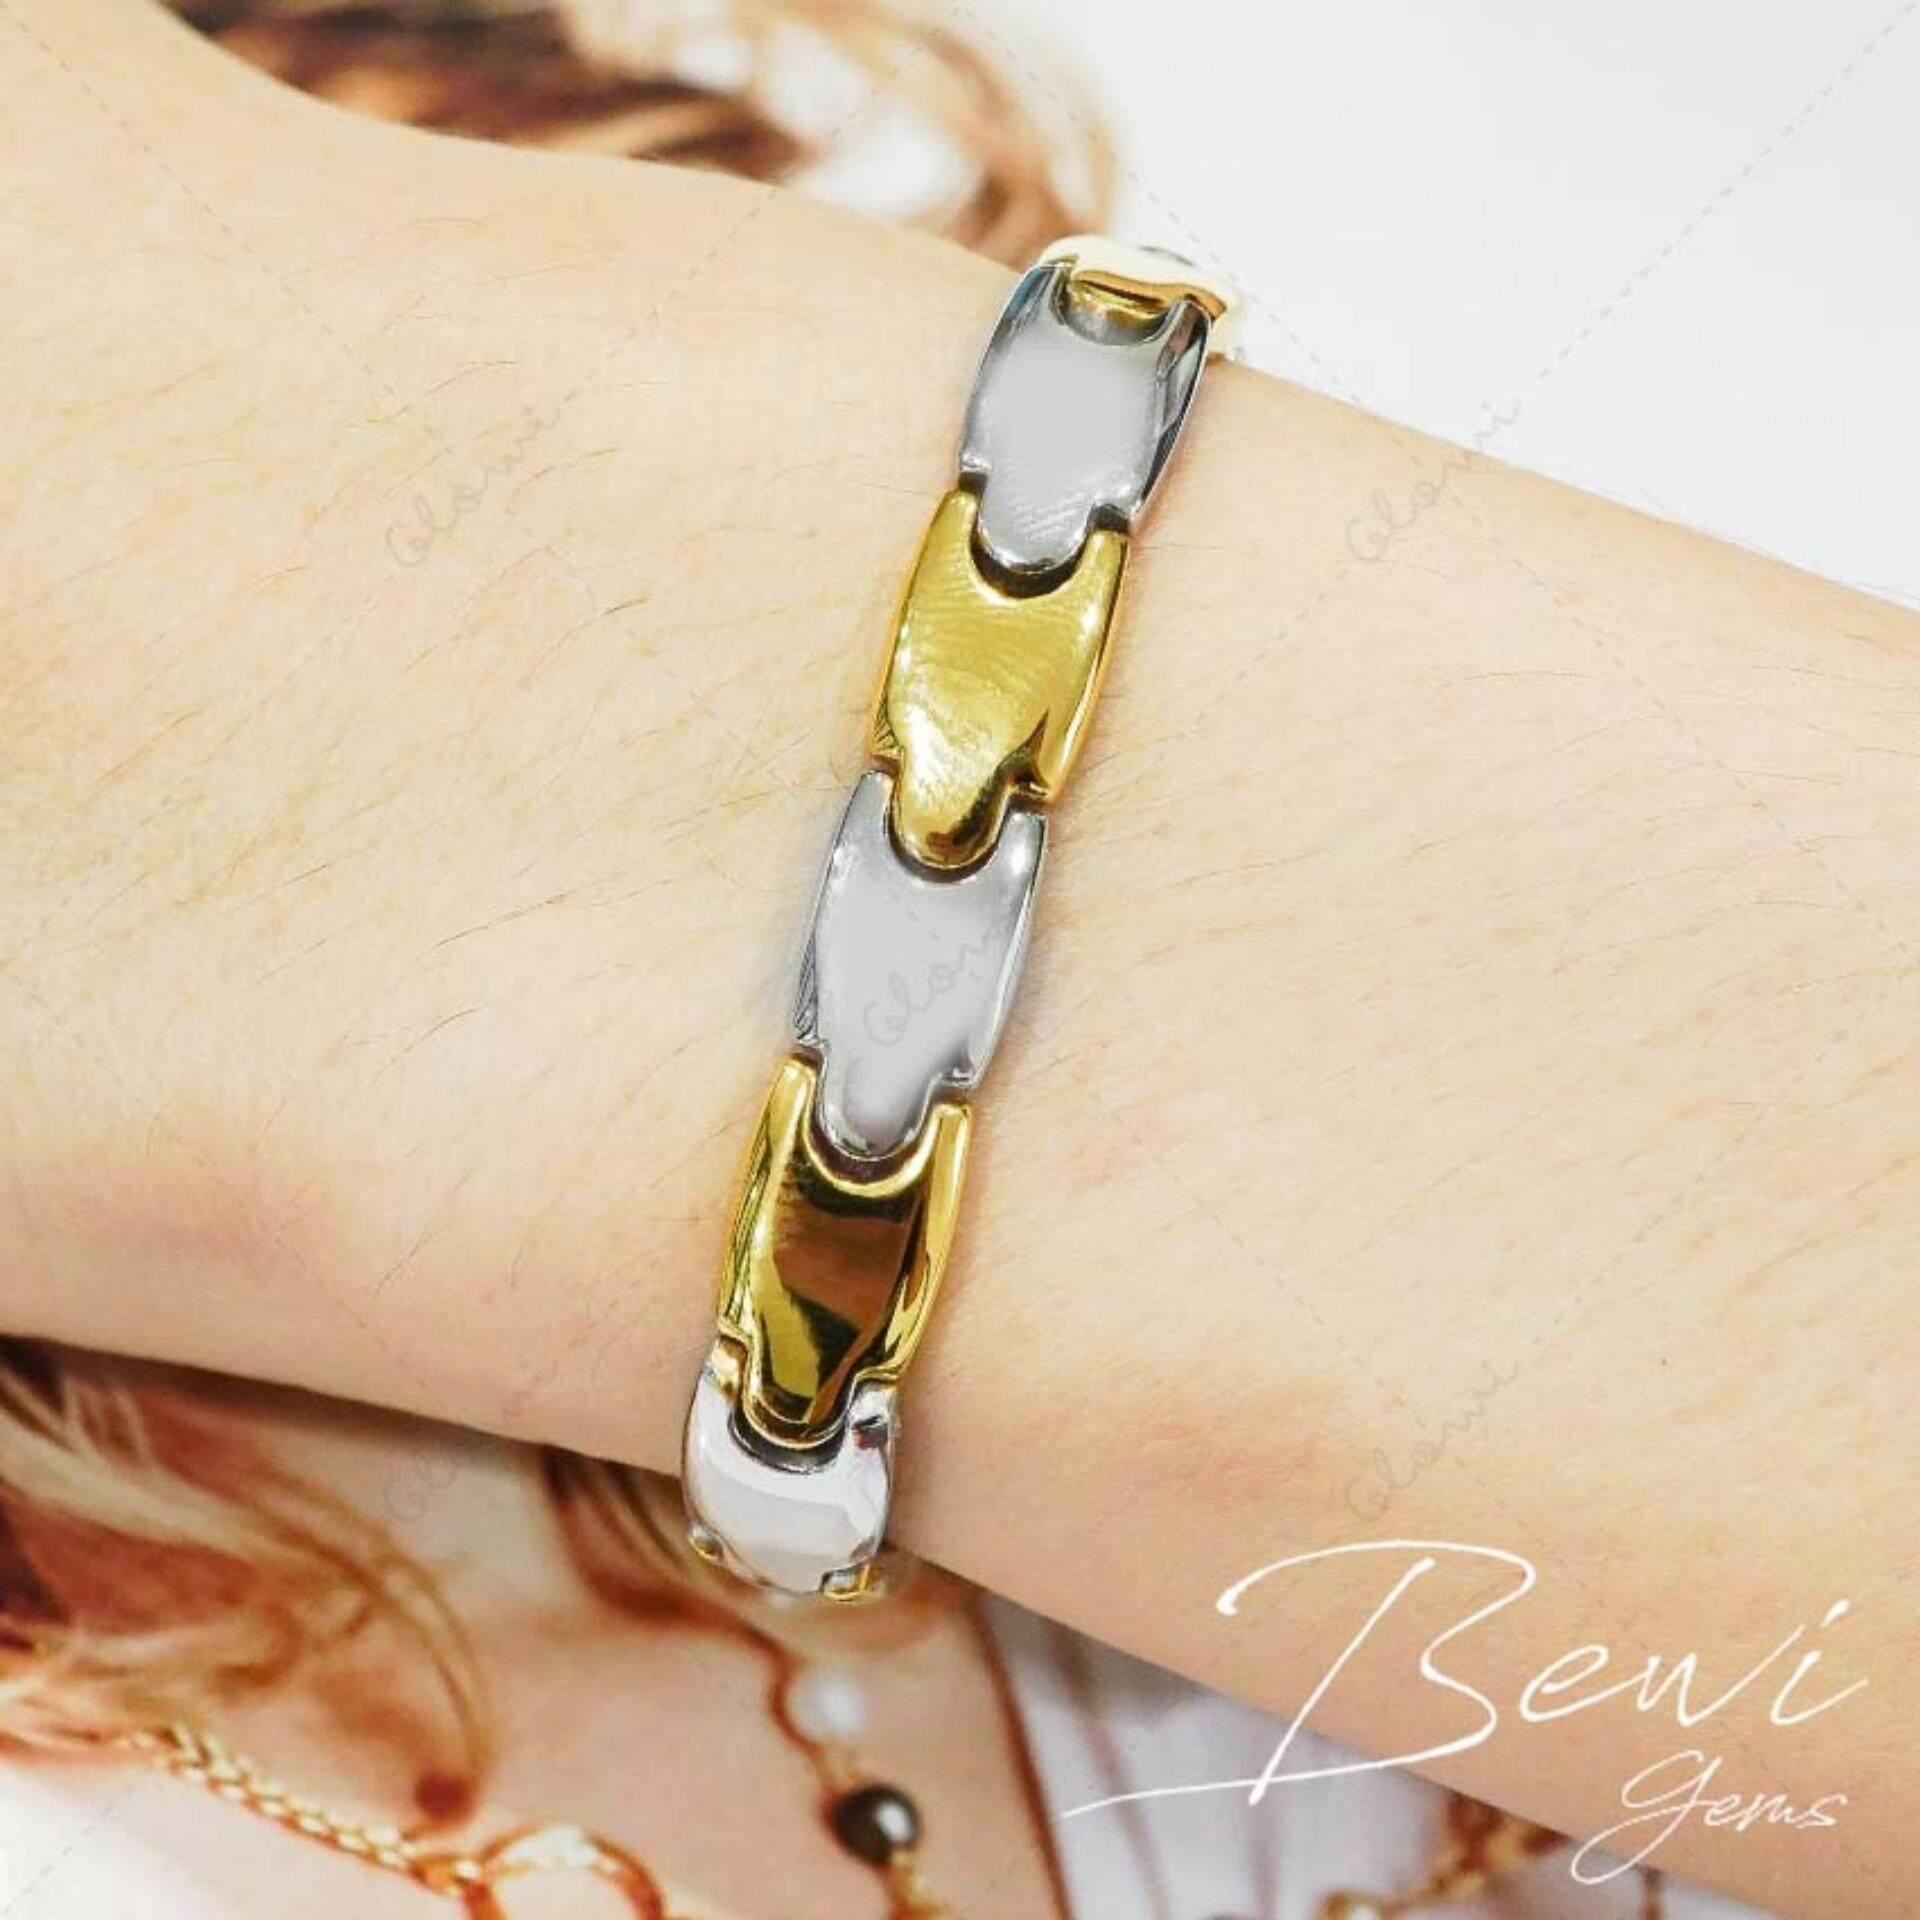 ราคา Bewi G สร้อยข้อมือผู้หญิง สไตล์ สร้อยข้อมือเพื่อสุขภาพ Bracelet แสตนเลสแท้ คุณภาพพรีเมี่ยม ดีไซน์สวย ฝังเม็ด Ge ช่วยปรับสมดุลในร่างกาย กระตุ้นการสร้างคอลลาเจน รุ่น Bg B0007 สีทอง Gold Bewi G เป็นต้นฉบับ